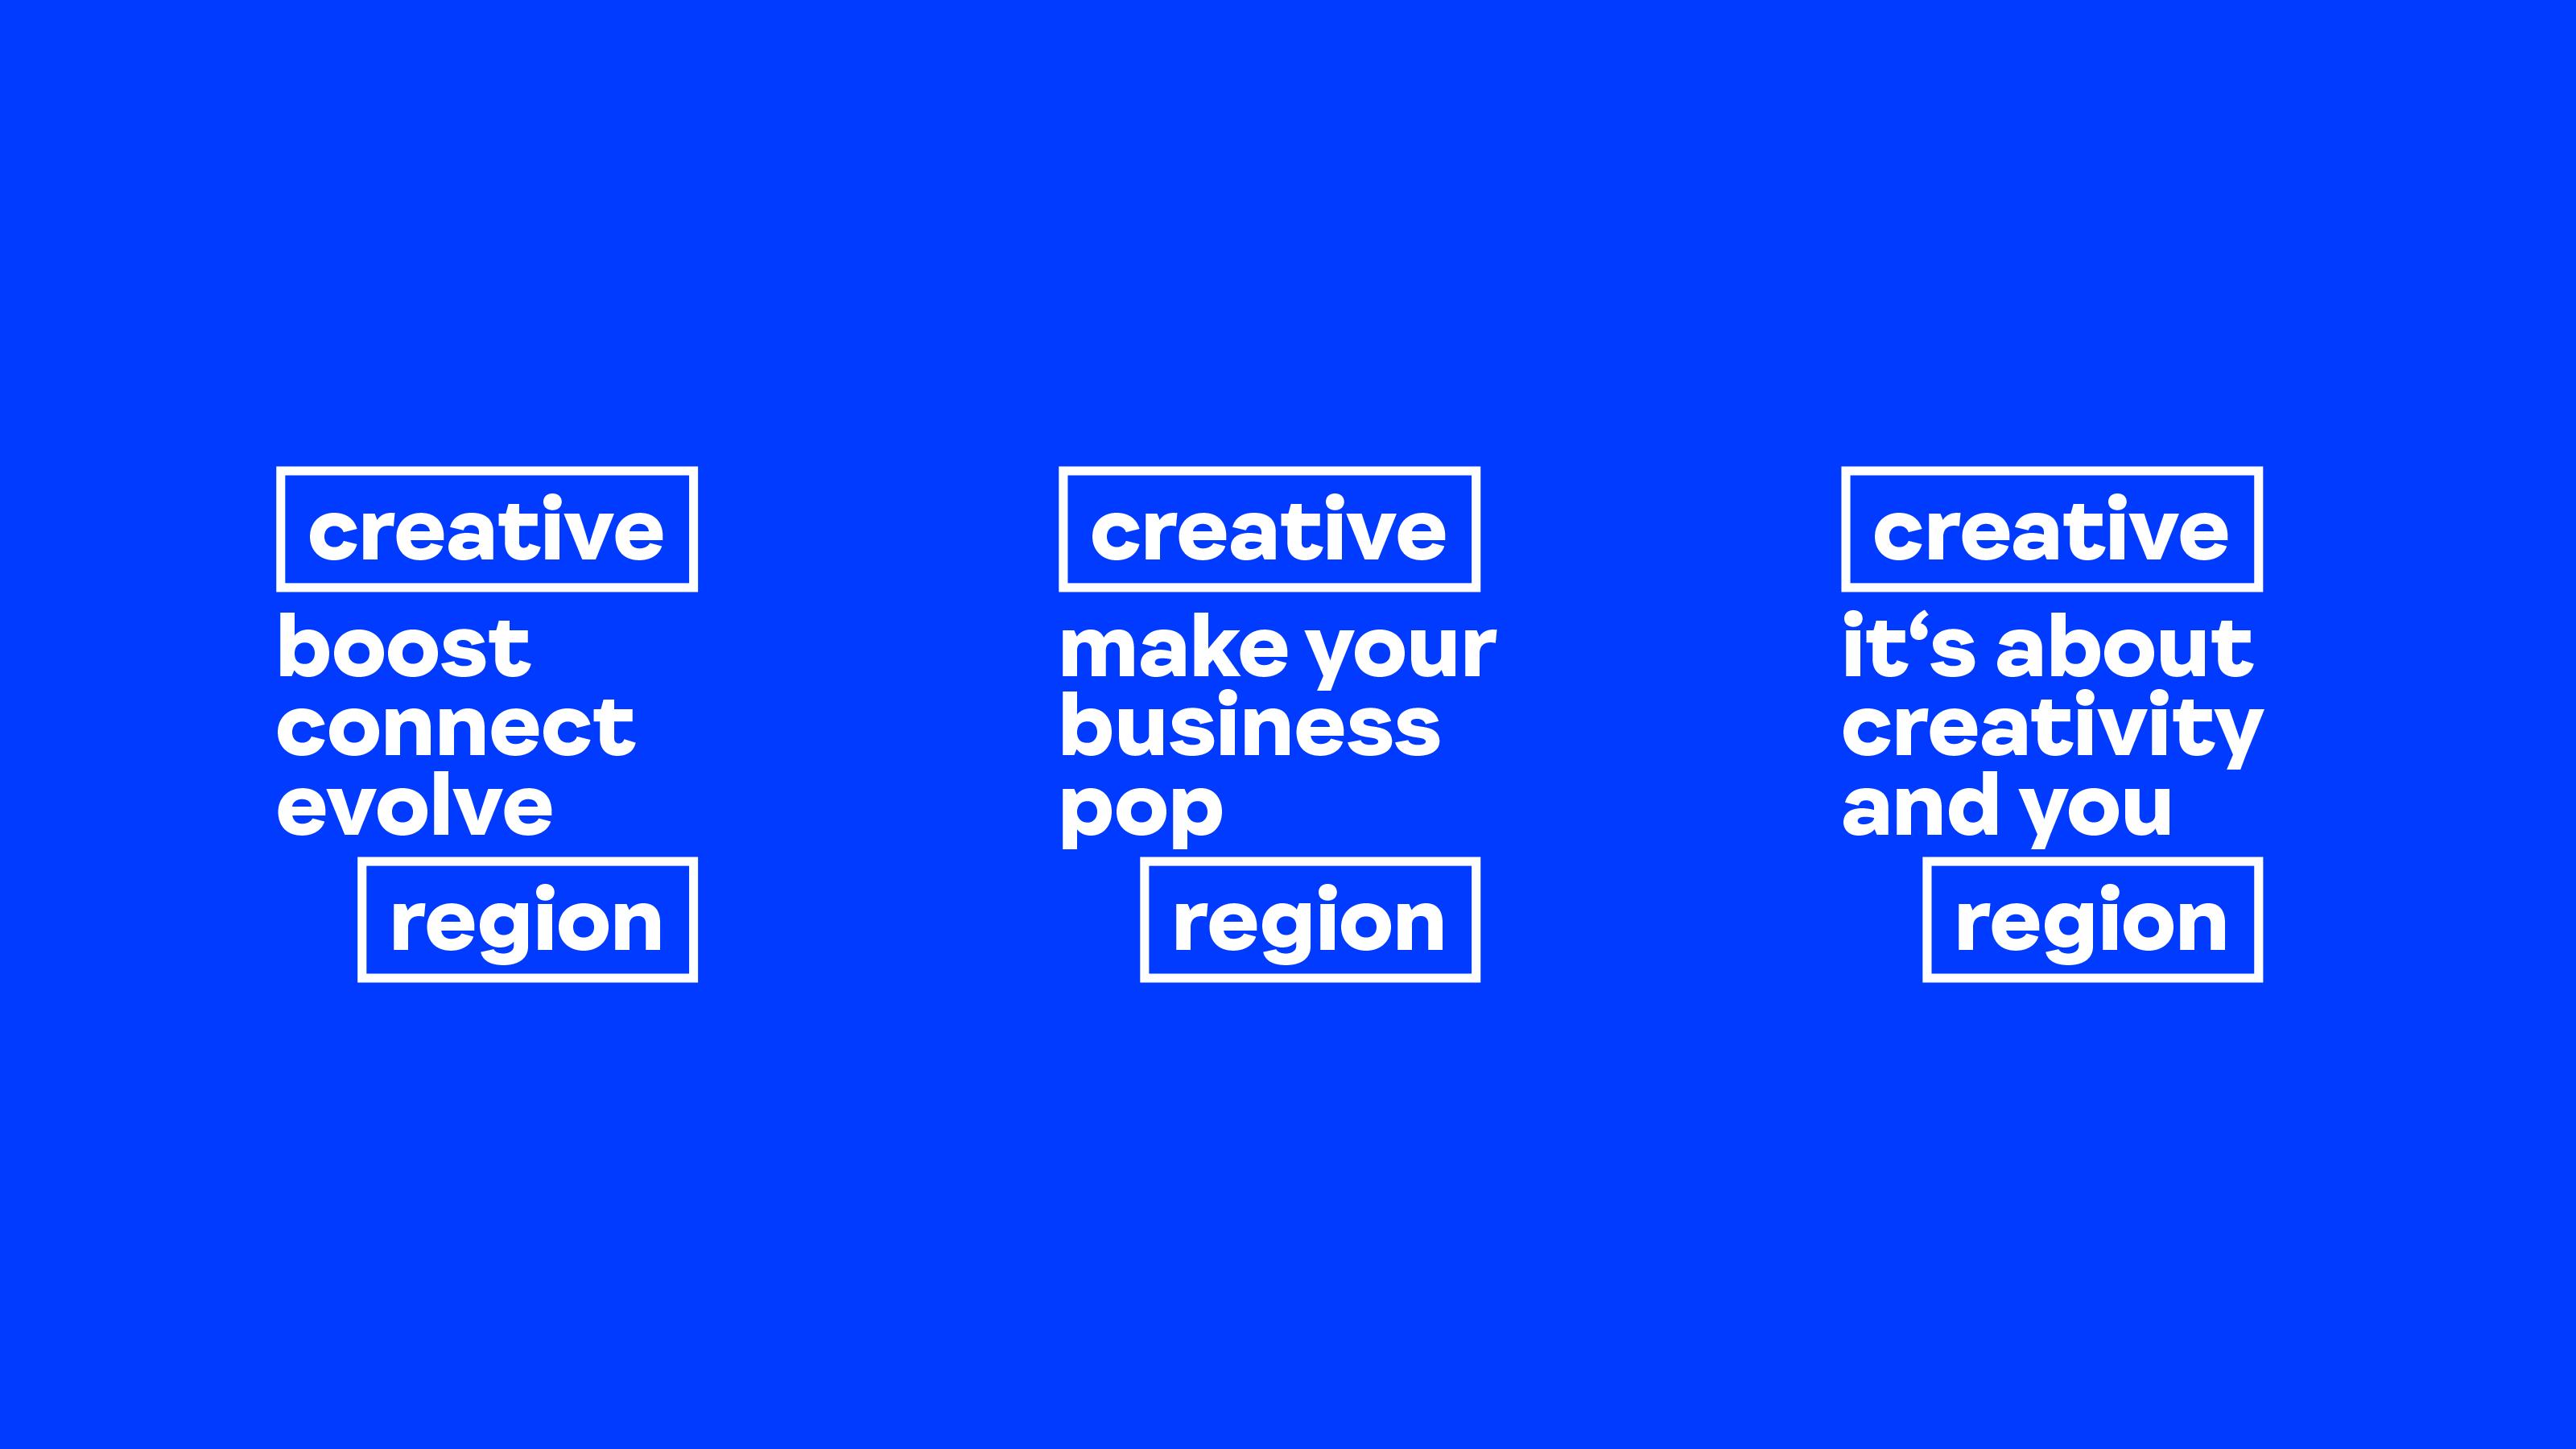 CR REF 16zu9 logos weissaufblau